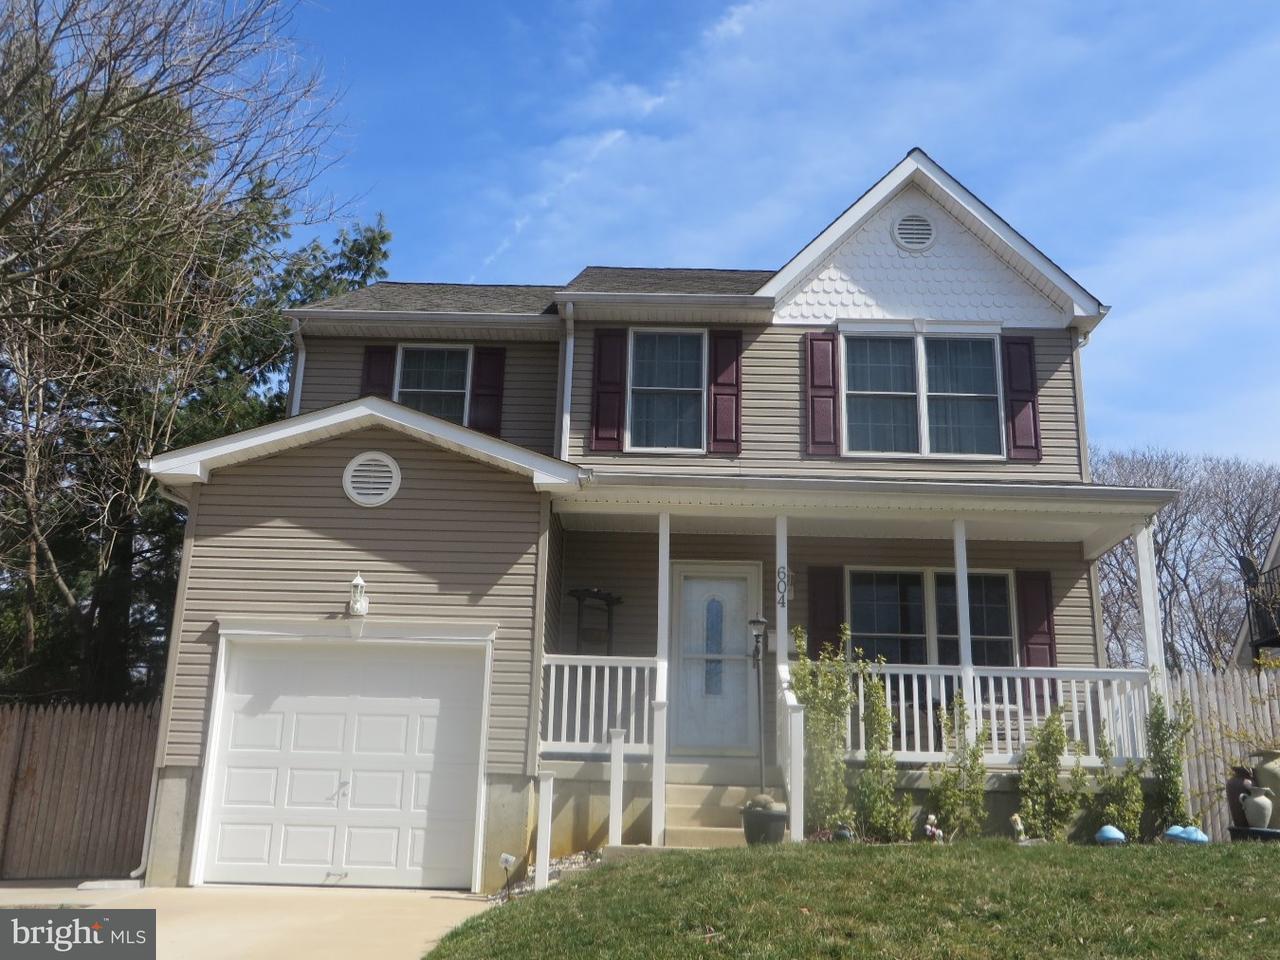 Частный односемейный дом для того Продажа на 604 CHESTNUT Street Glendora, Нью-Джерси 08029 Соединенные Штаты